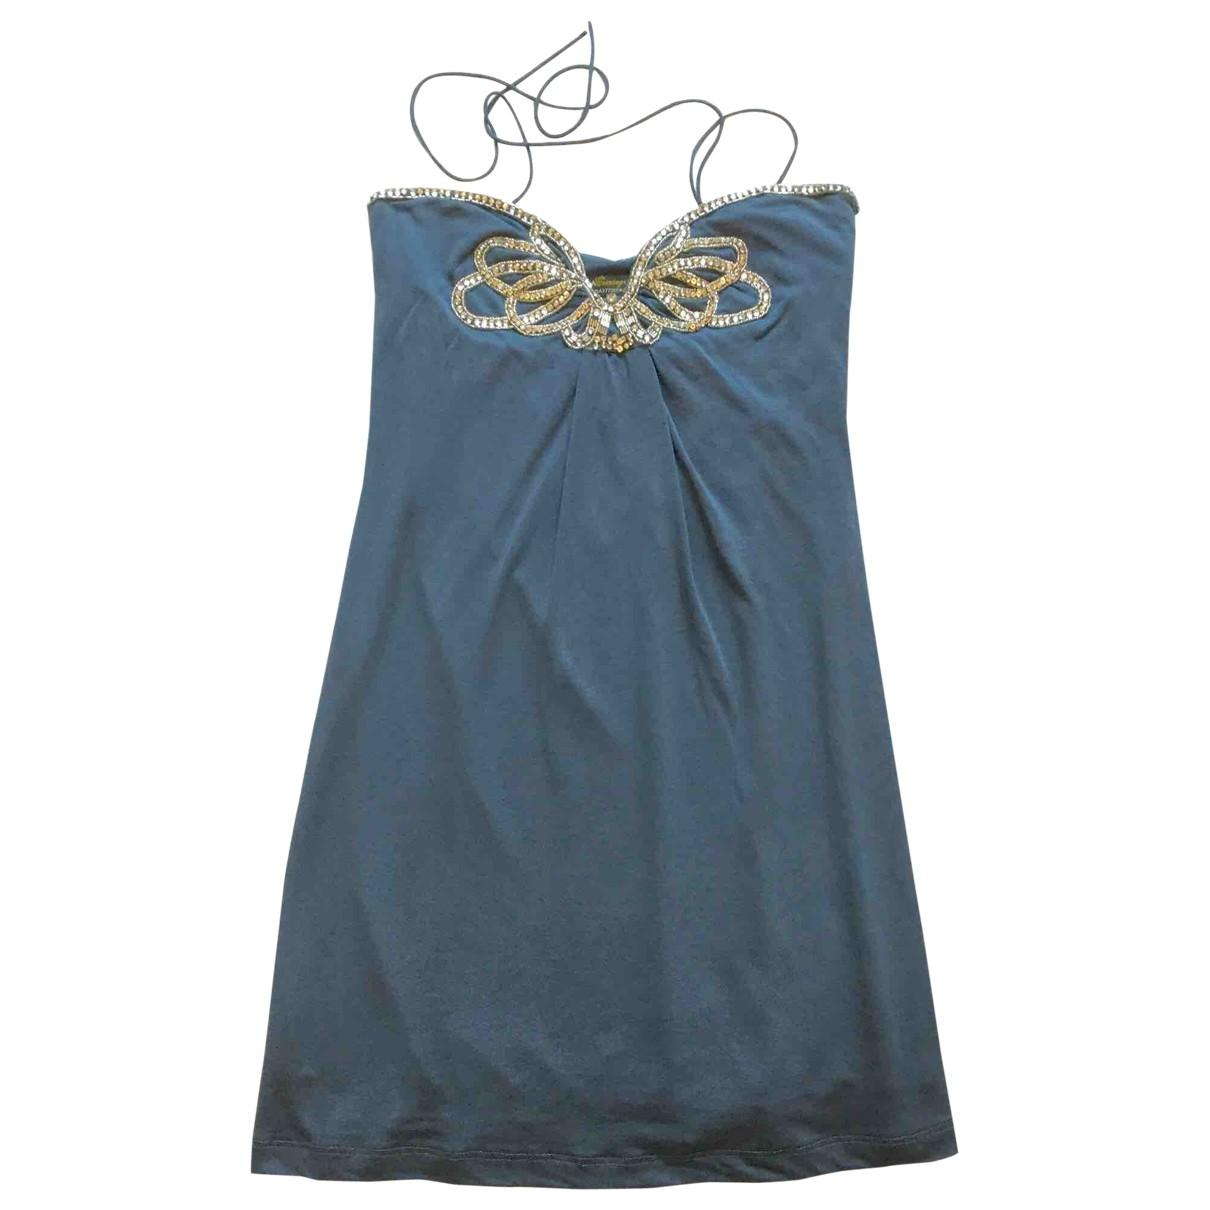 Zara \N Kleid in  Blau Viskose